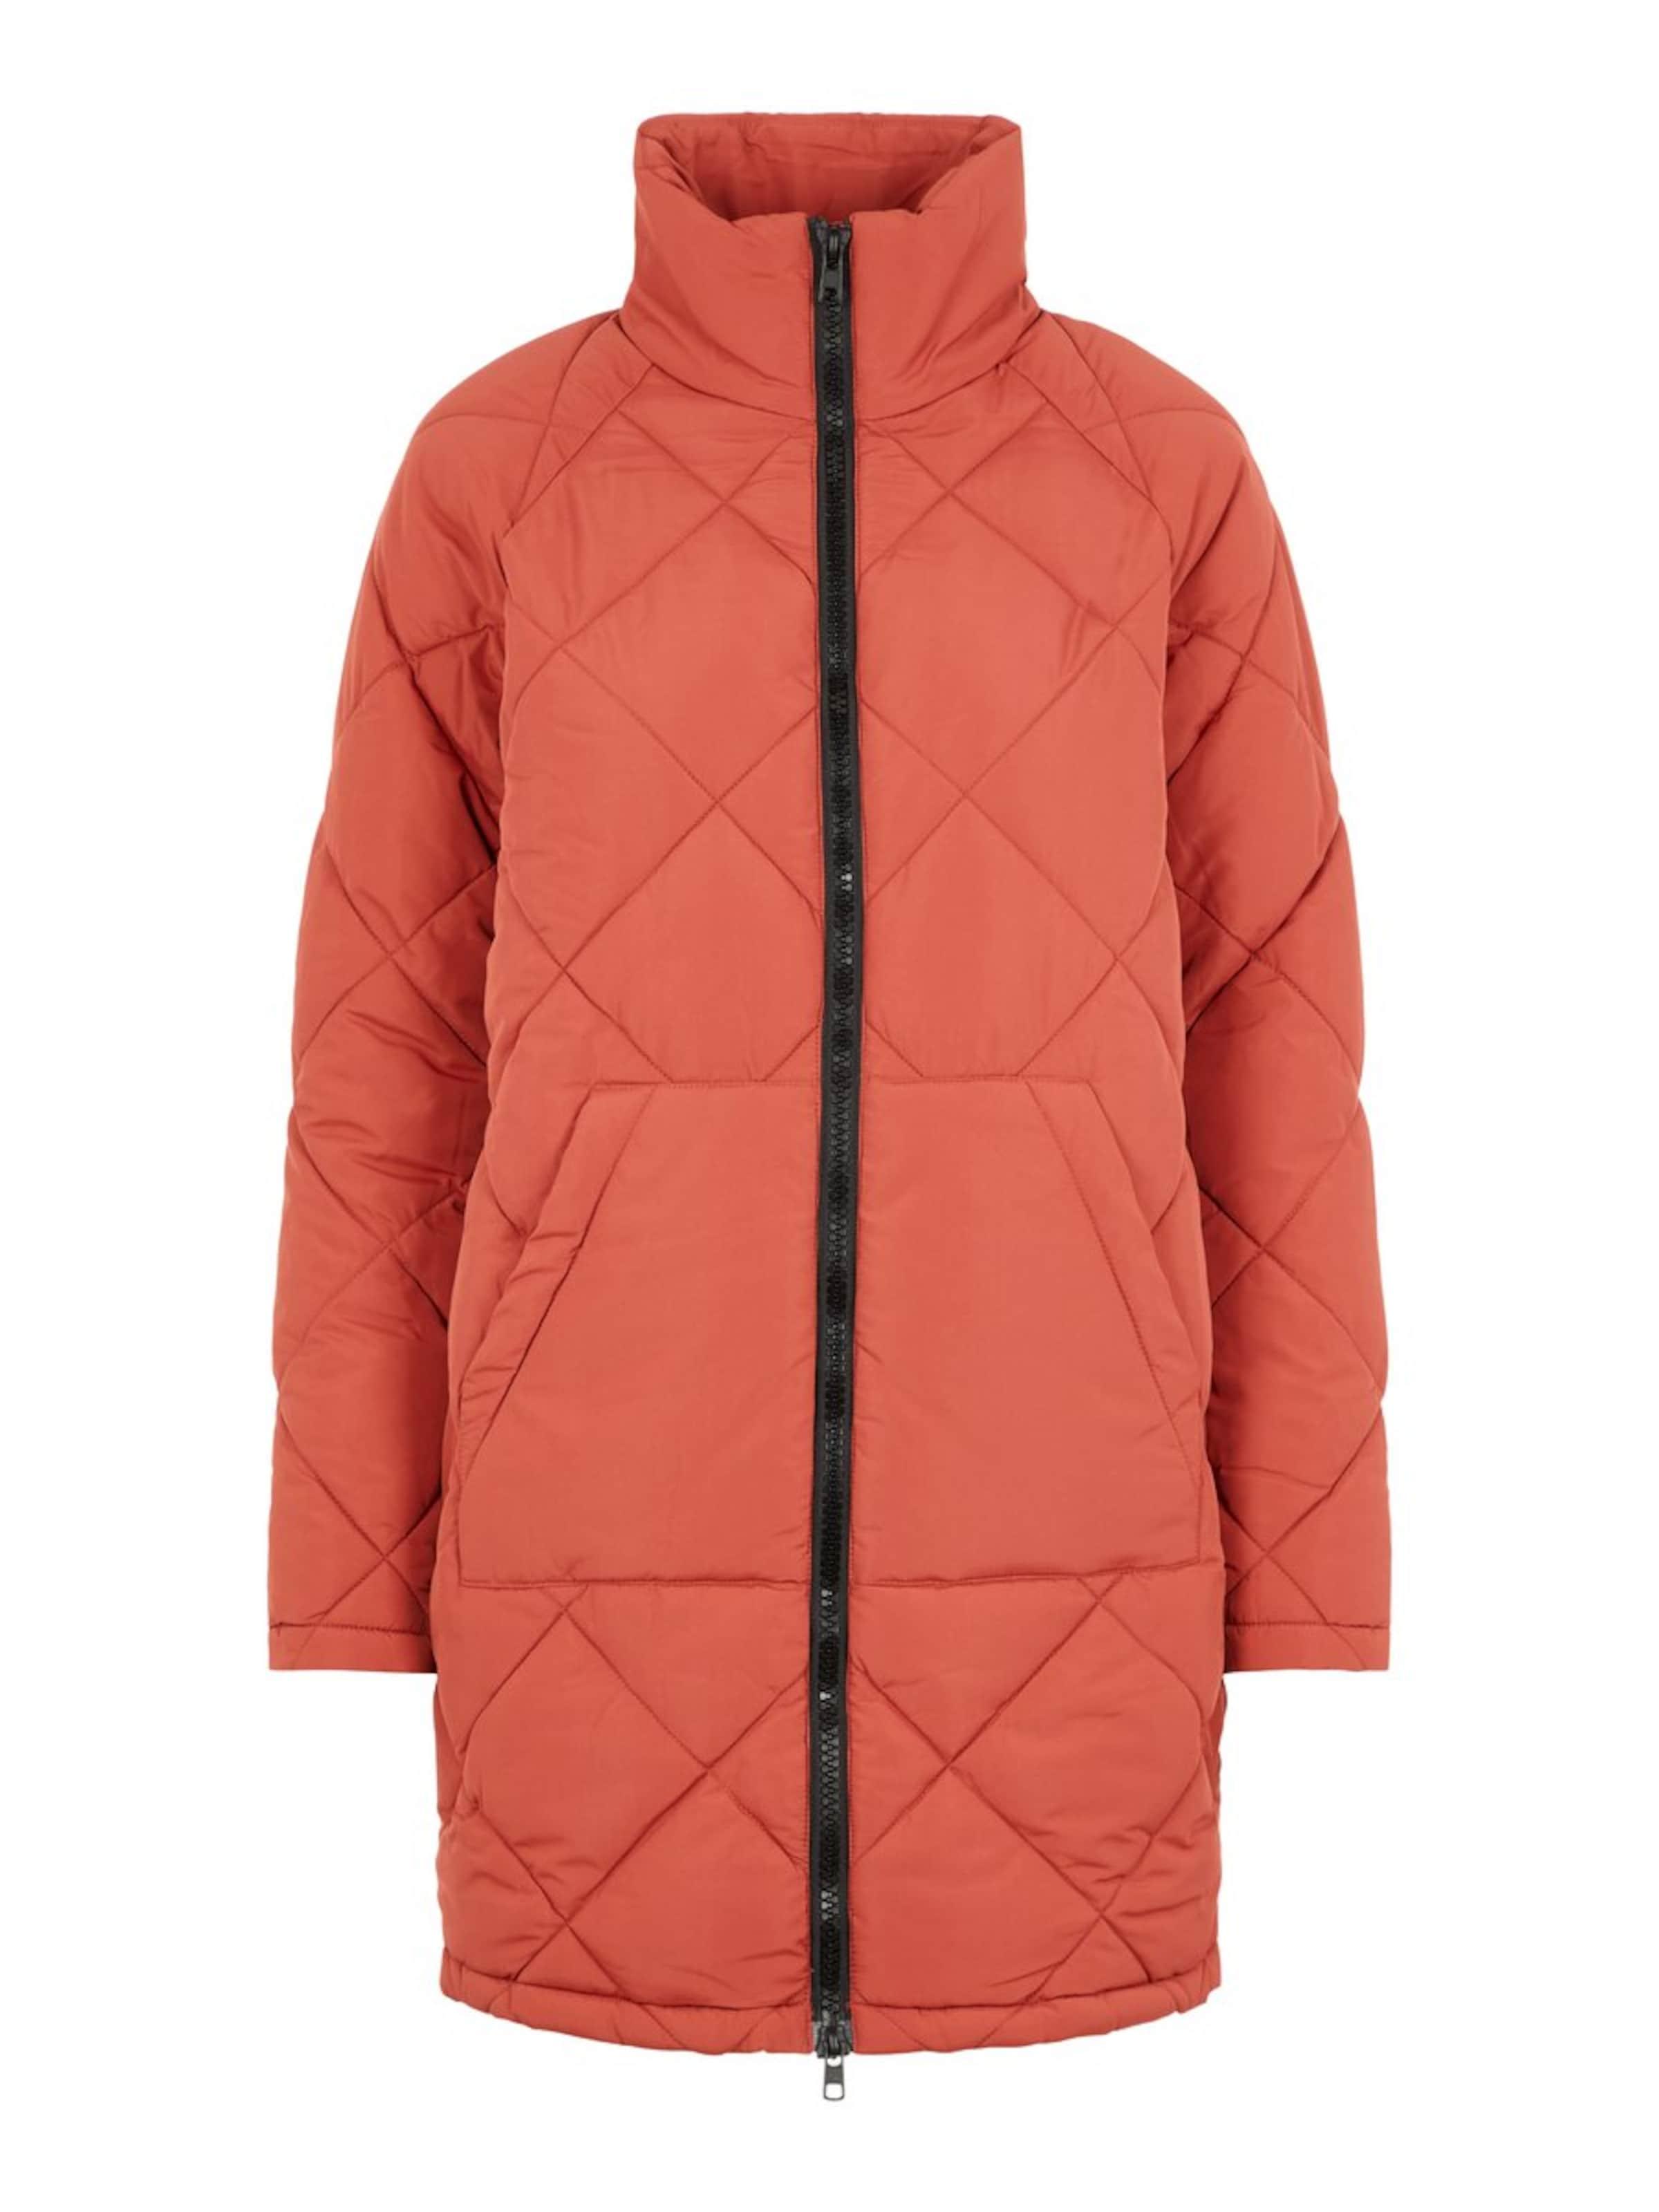 May Noisy En D'hiver Manteau Pastel Orange 4RjAq53L